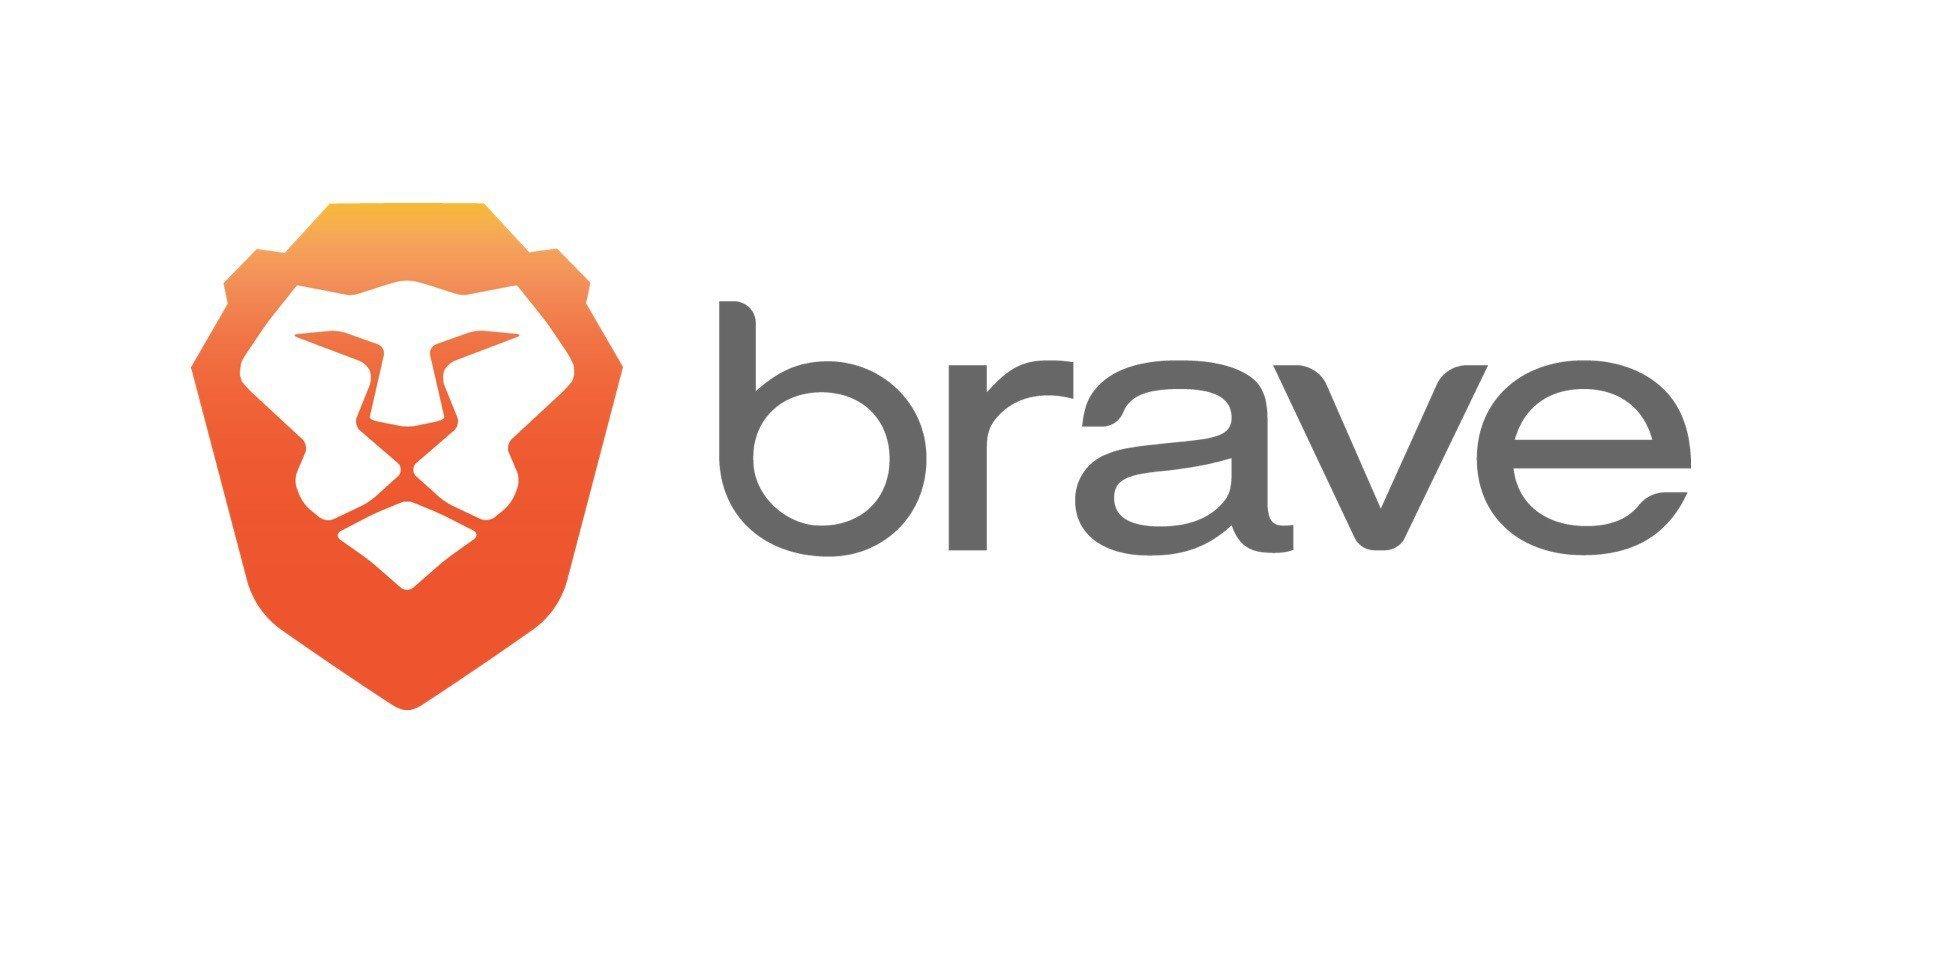 Prohlížeč Brave - BAT - americkou Binance